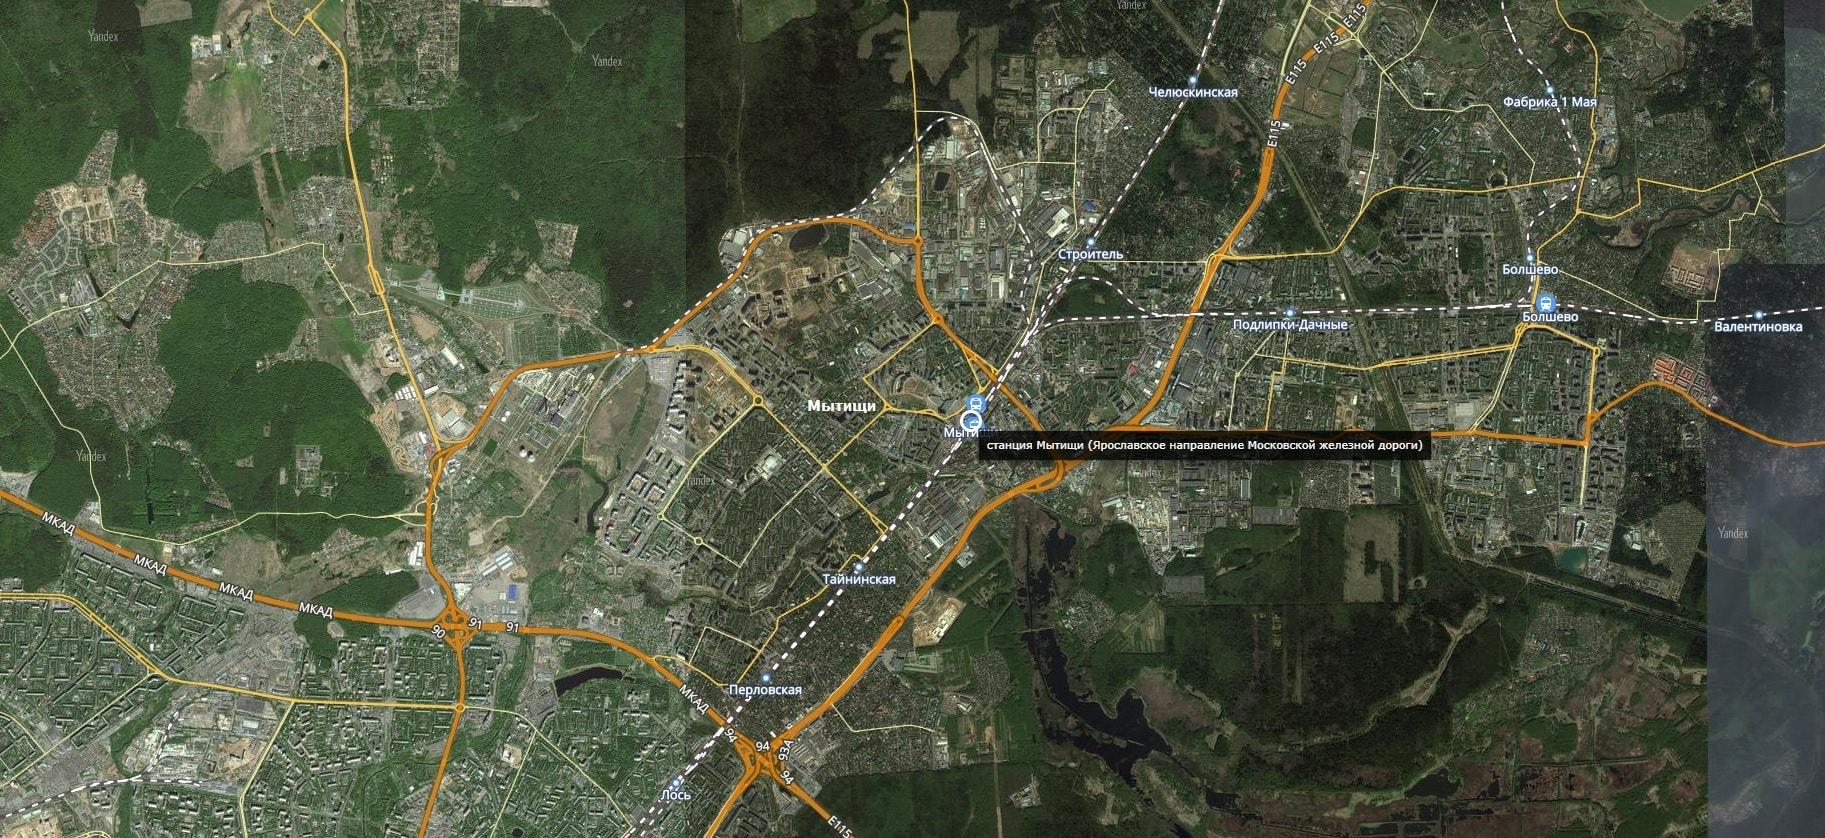 Карта города Мытищи с дорогами. Транспортная инфраструктура